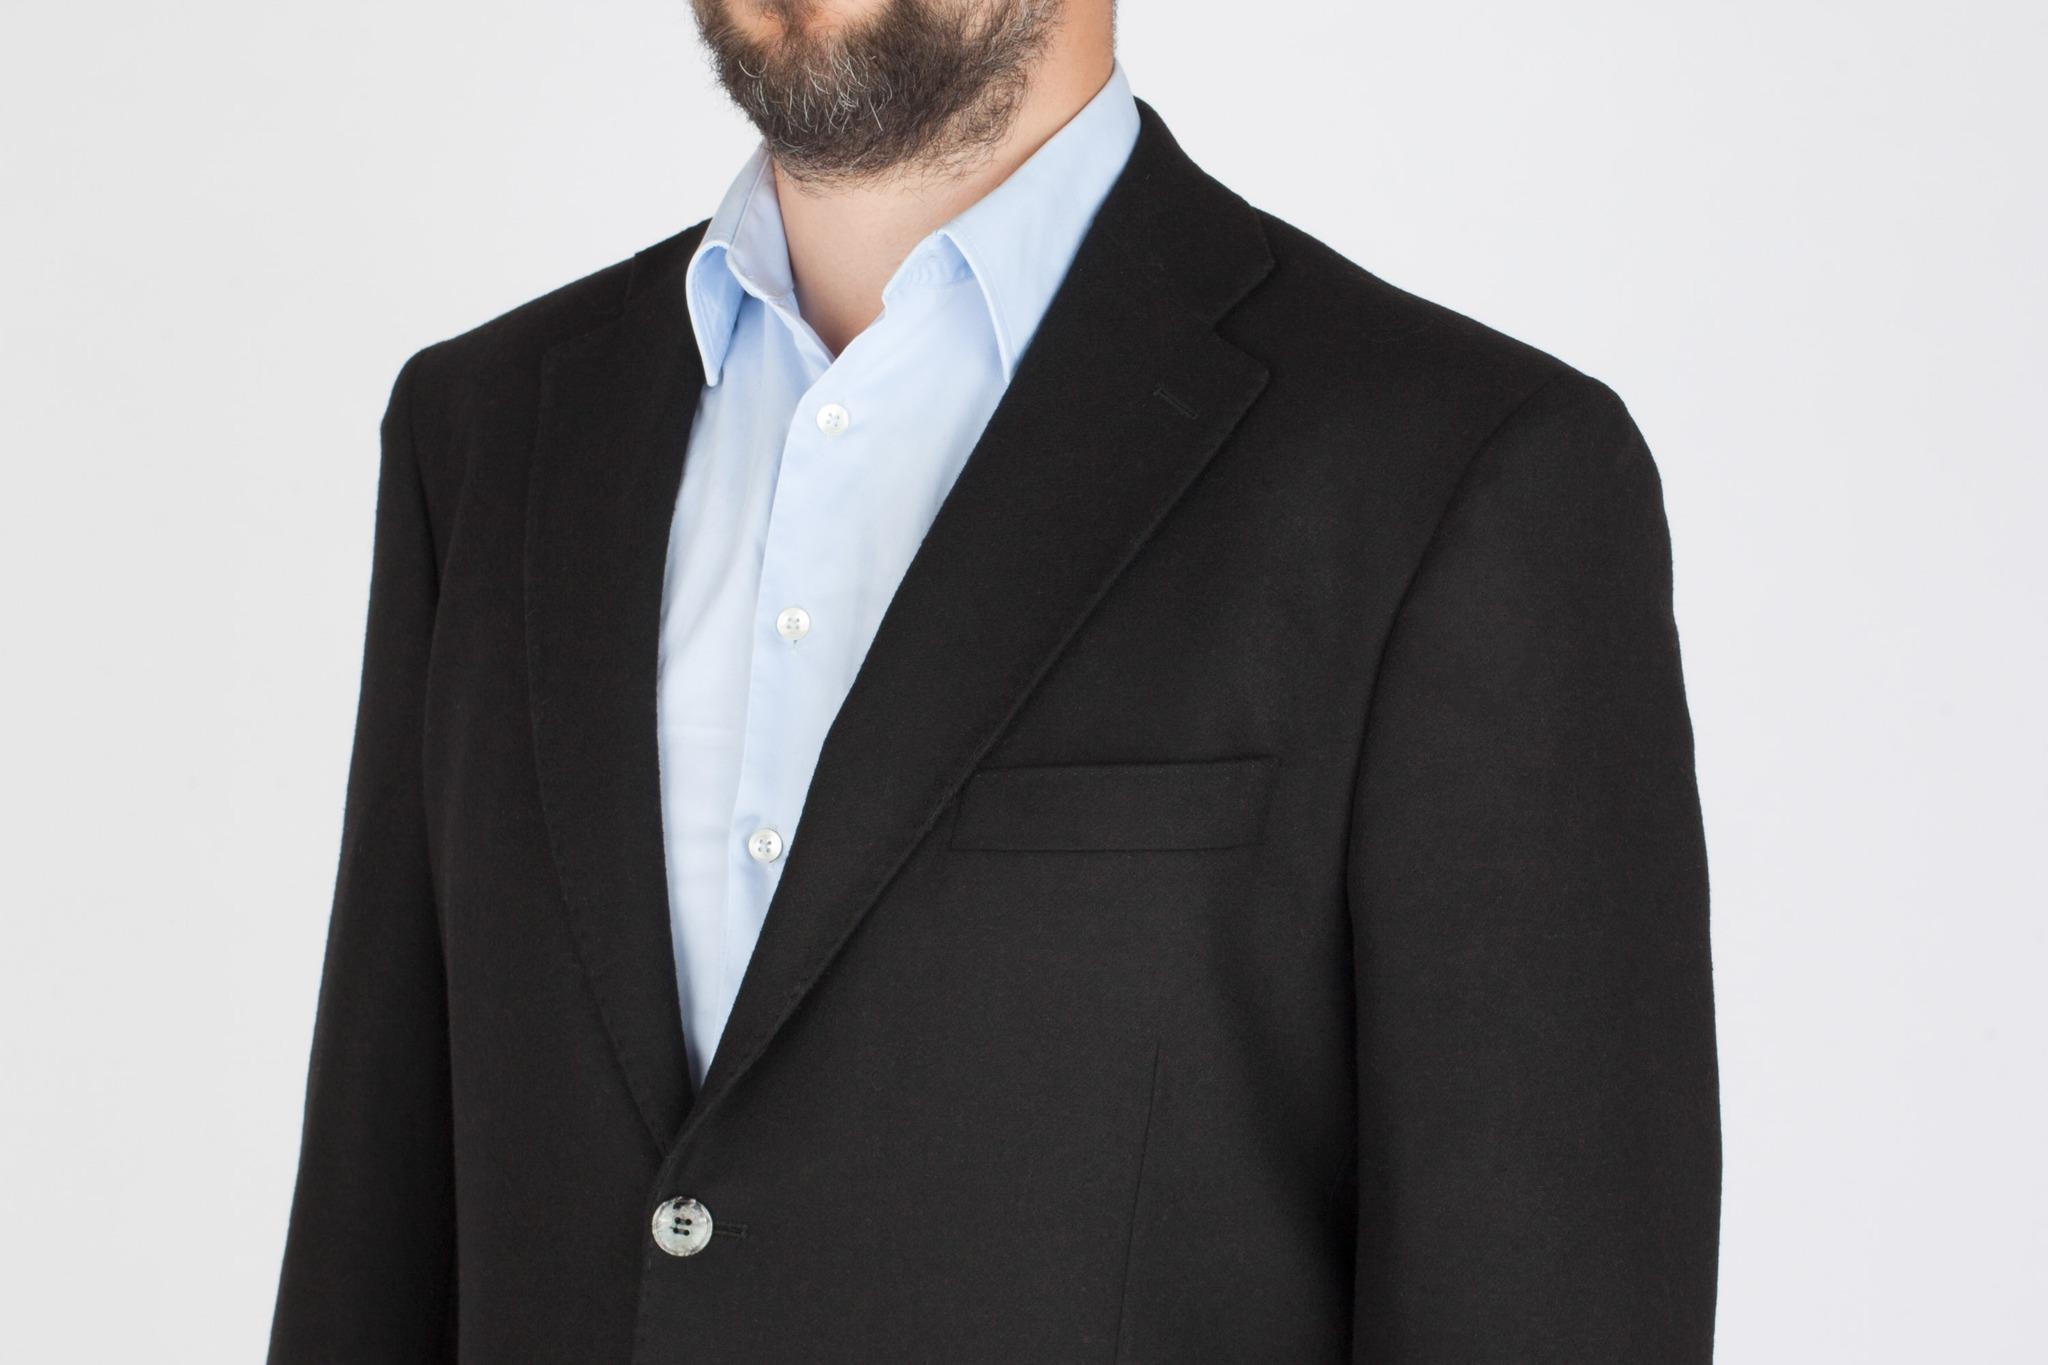 Чёрный костюм из 100%-ной шерсти, нагрудный карман